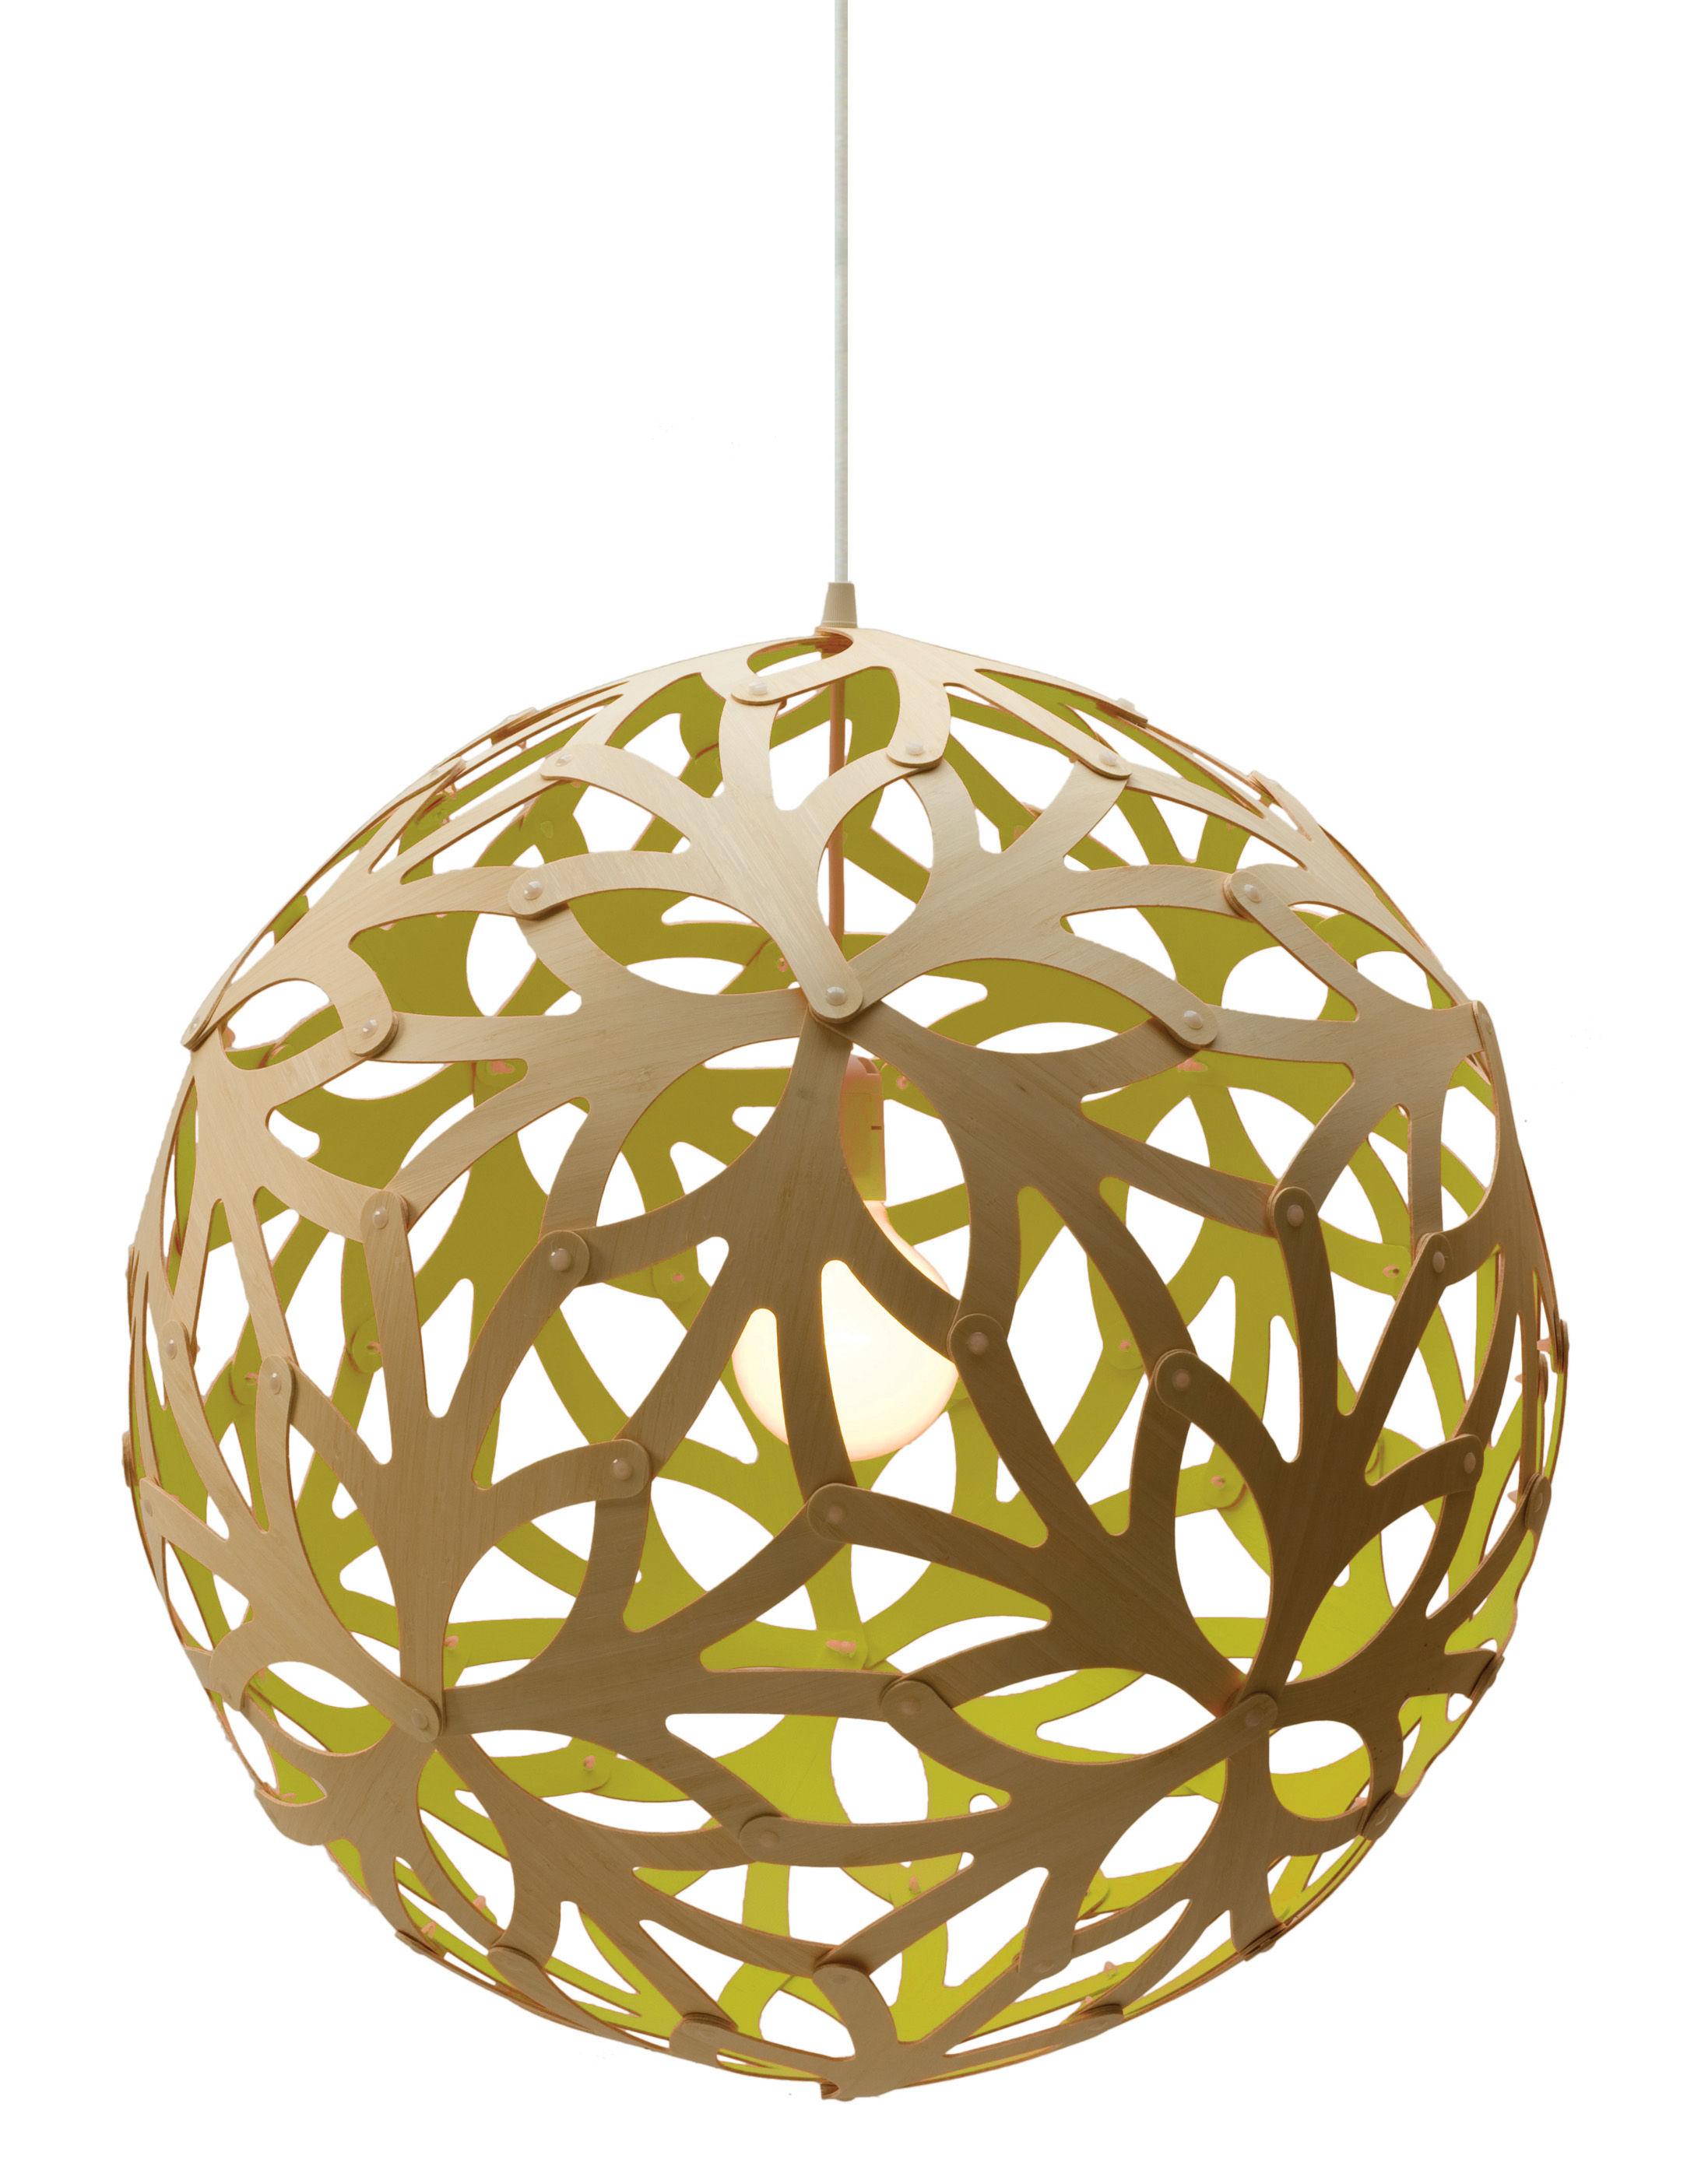 Leuchten - Pendelleuchten - Floral Pendelleuchte Ø 40 cm - zweifarbig - exklusiv - David Trubridge - Zitronengelb / Naturholz - Bambus